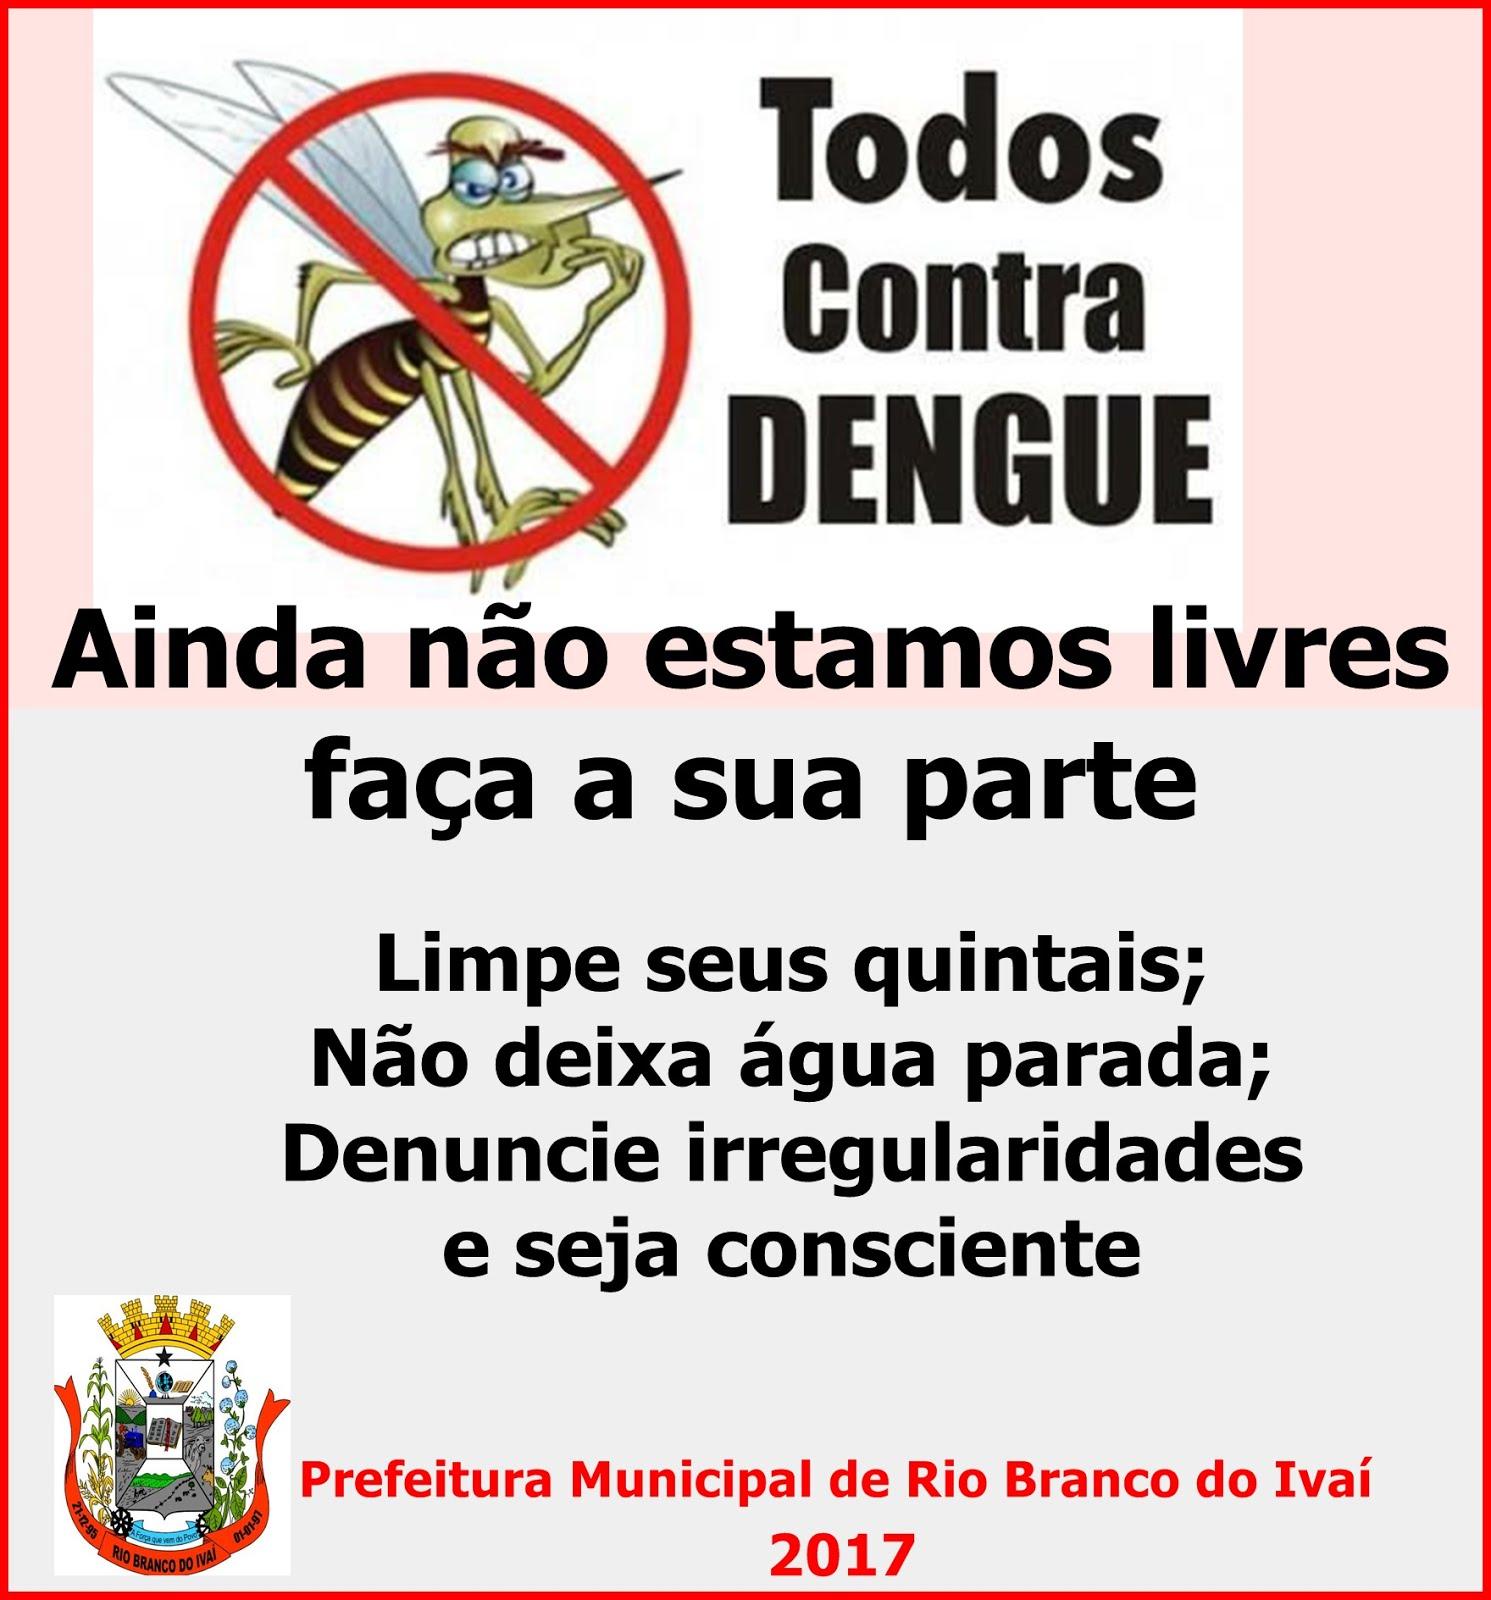 PREFEITURA DE RIO BRANCO DO IVAÍ